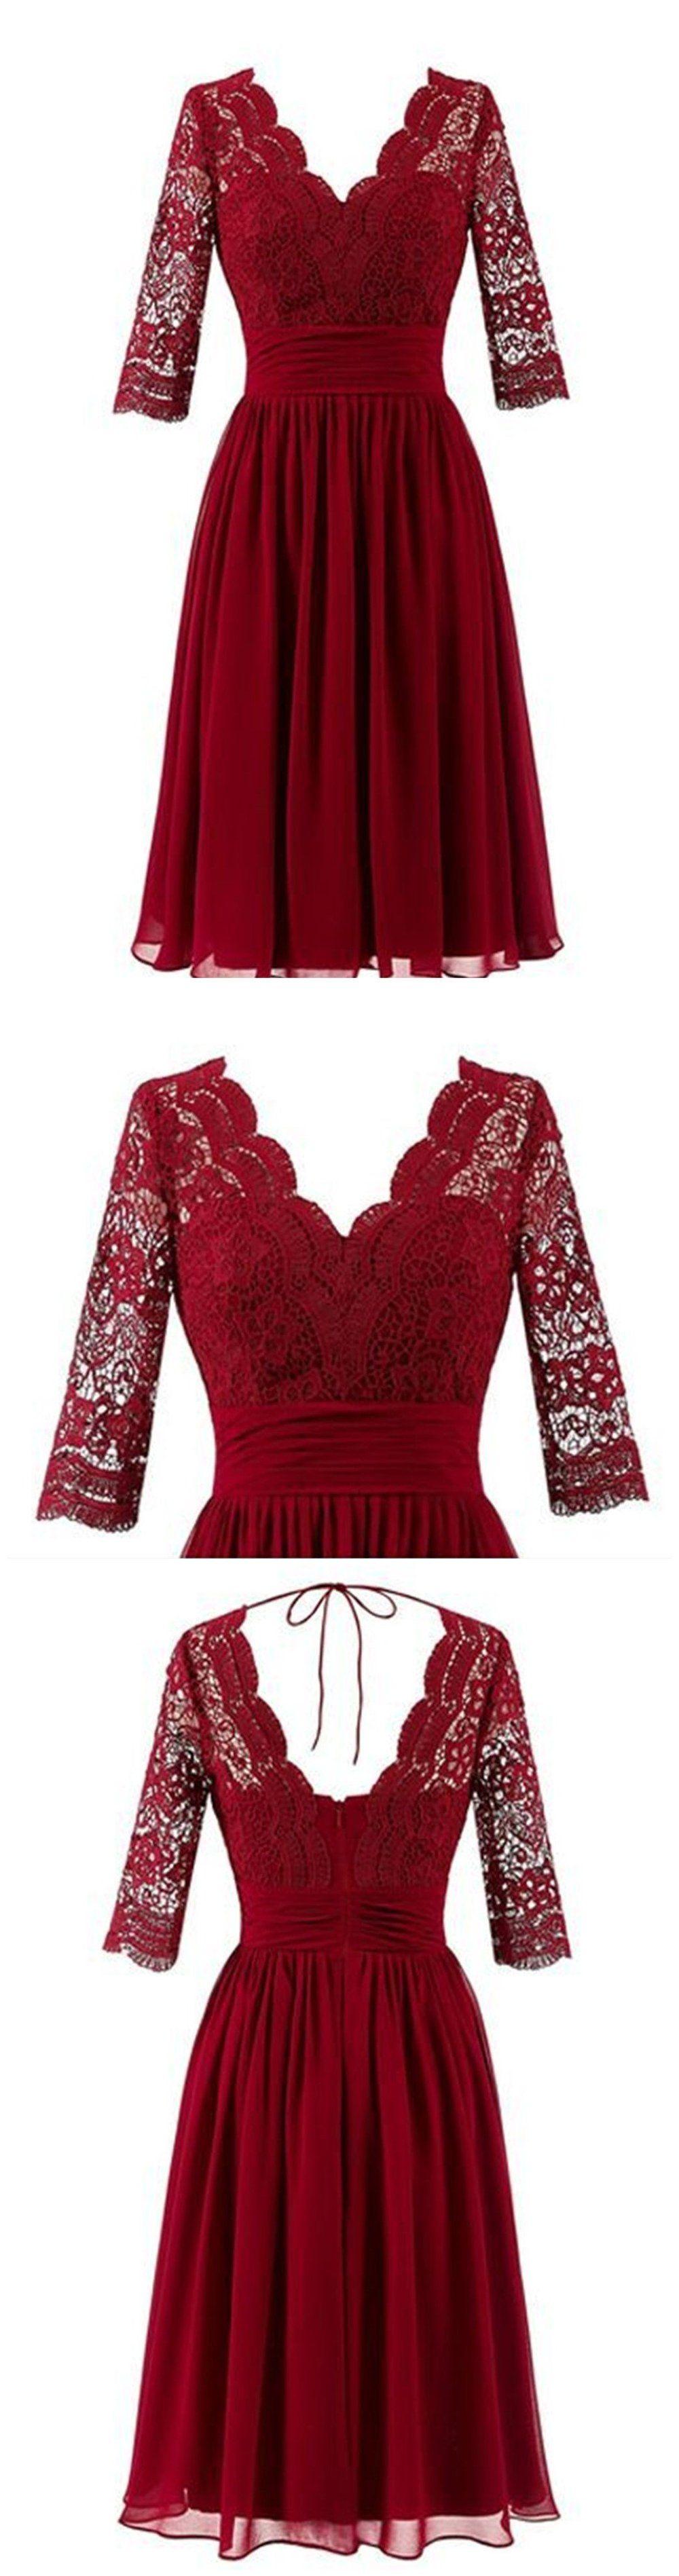 Dark red long sleeve lace short bridesmaid dresses cheap custom